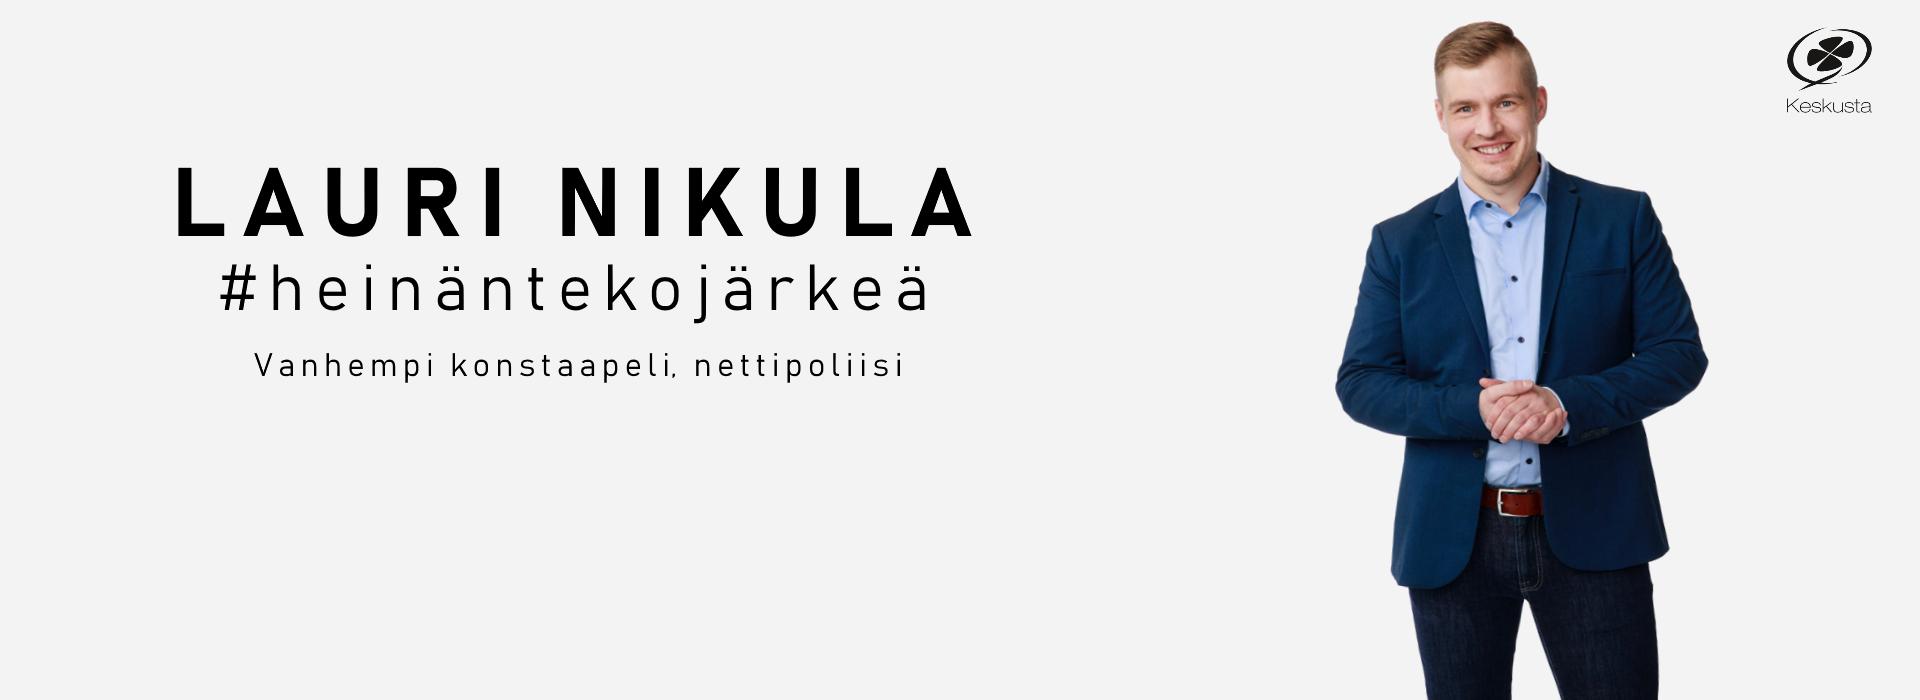 Lauri Nikula